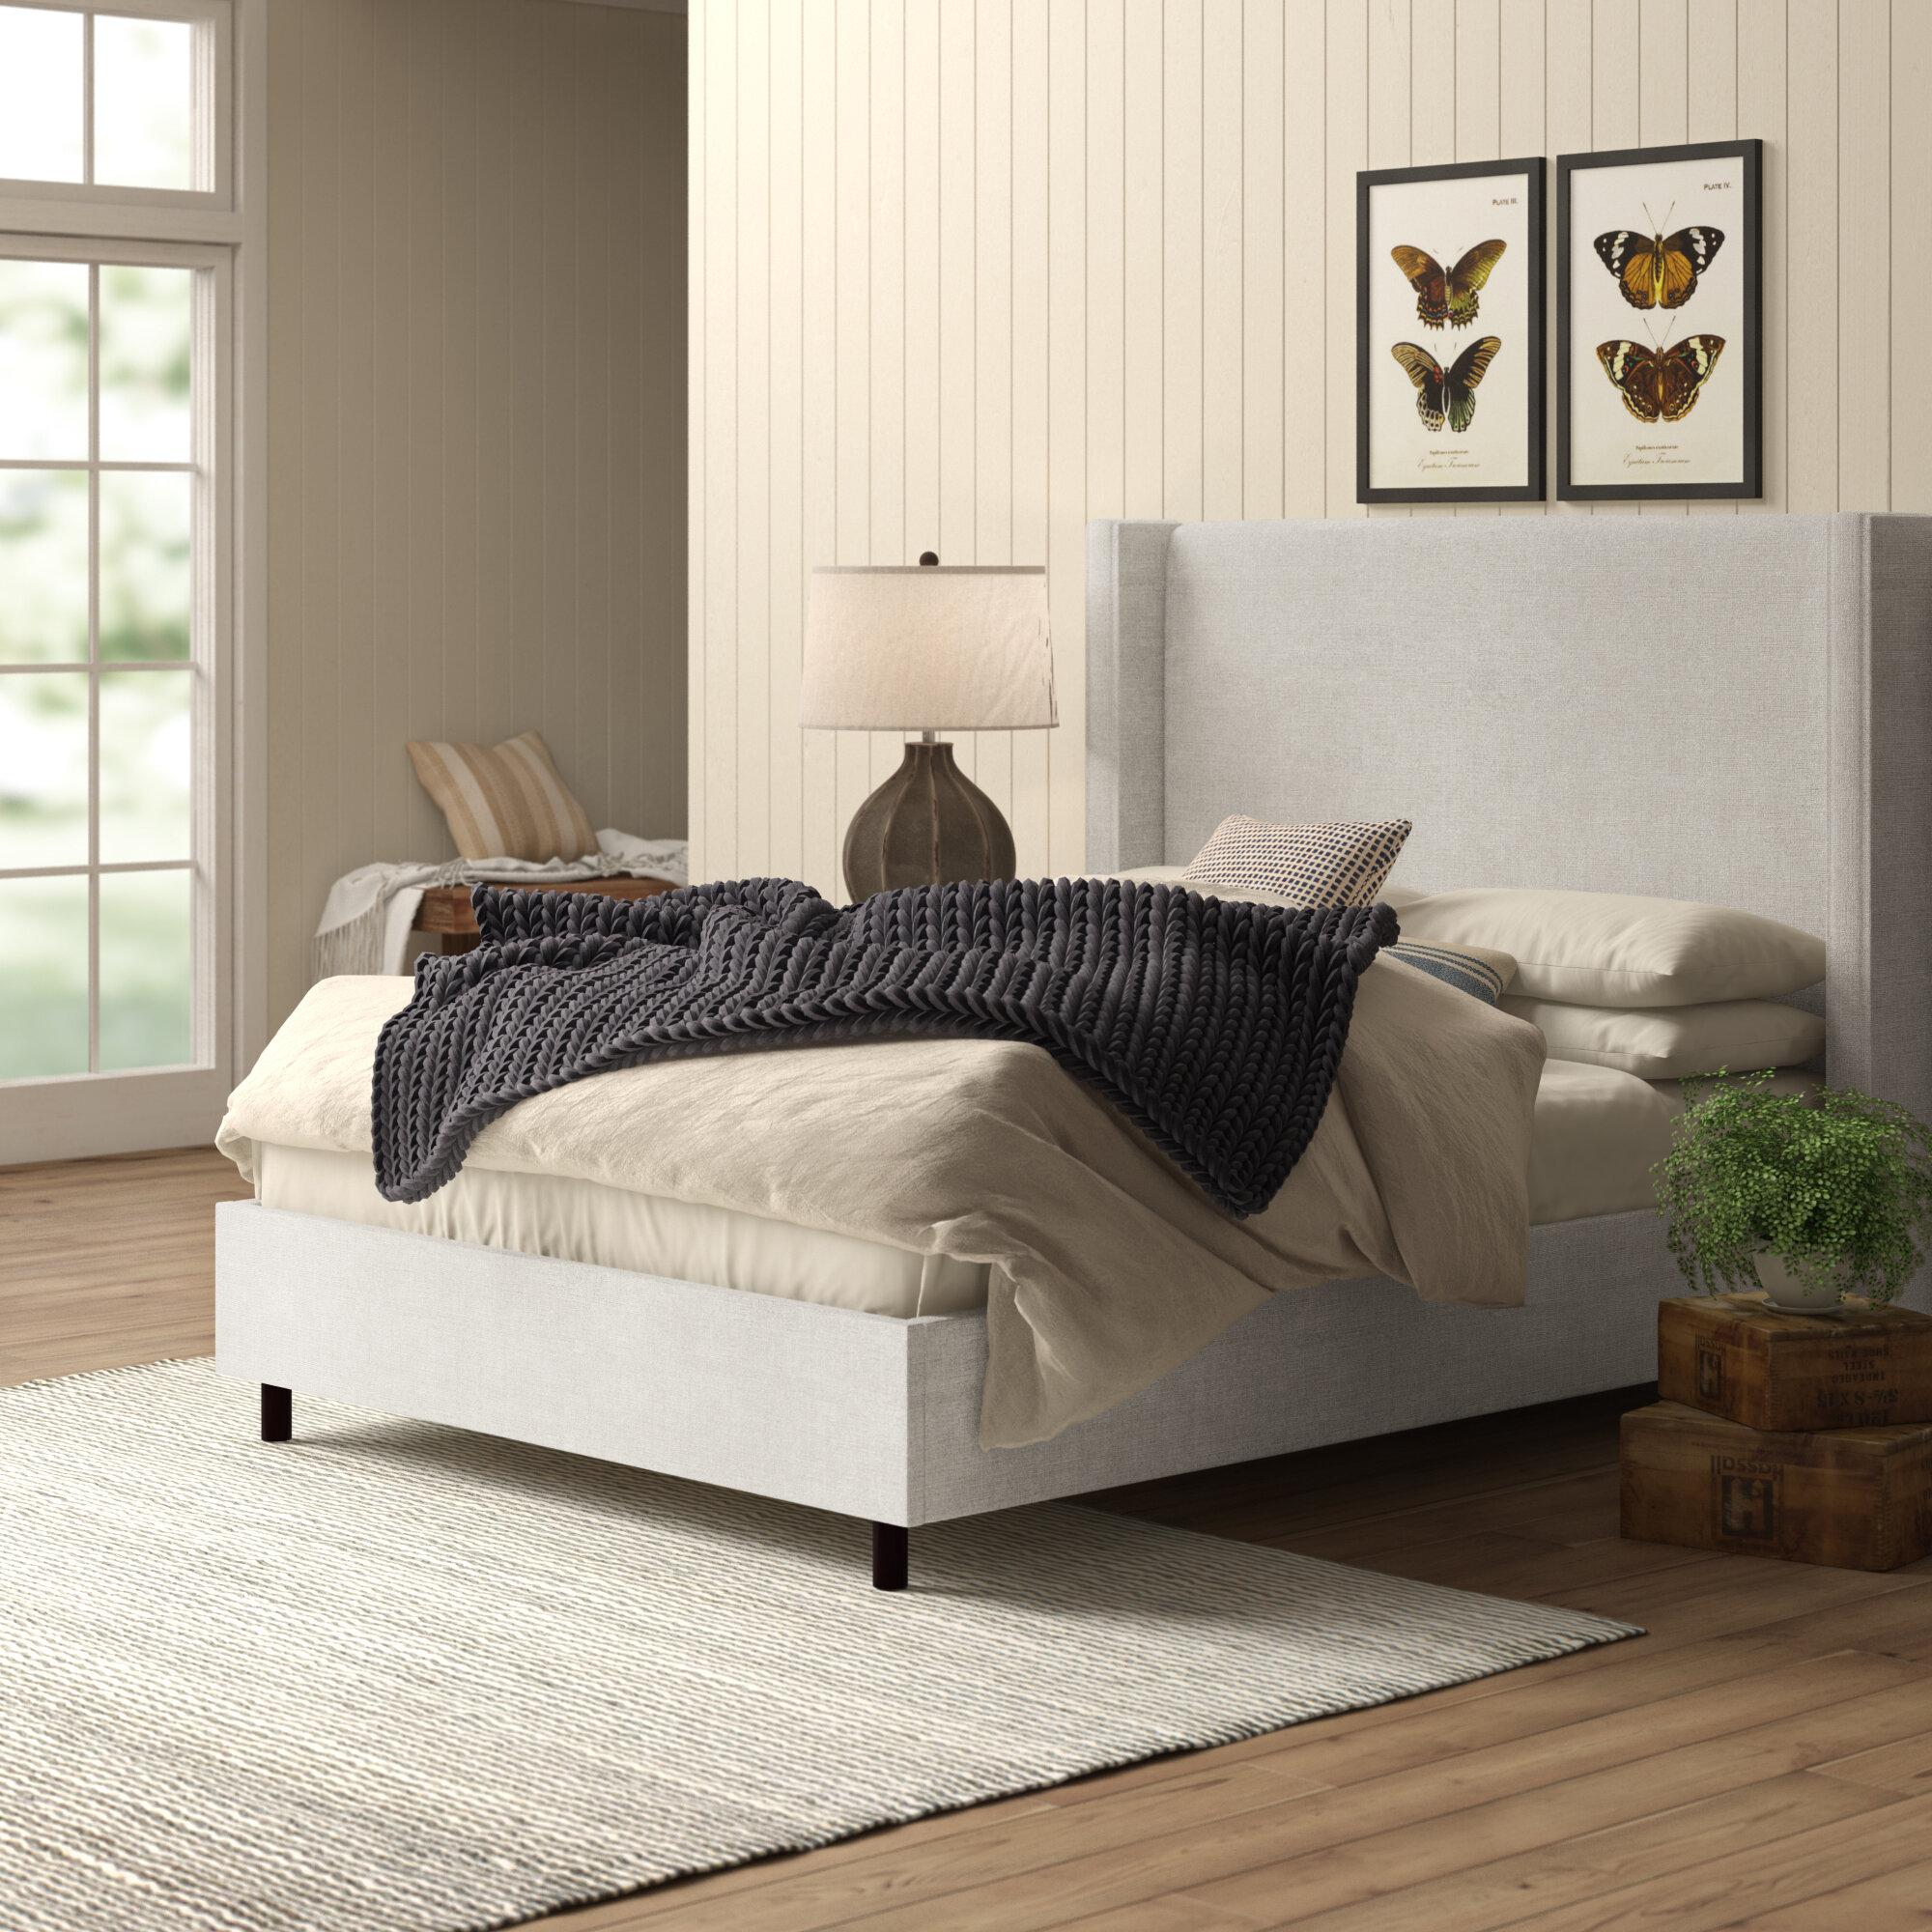 Sanford Upholstered Standard Bed